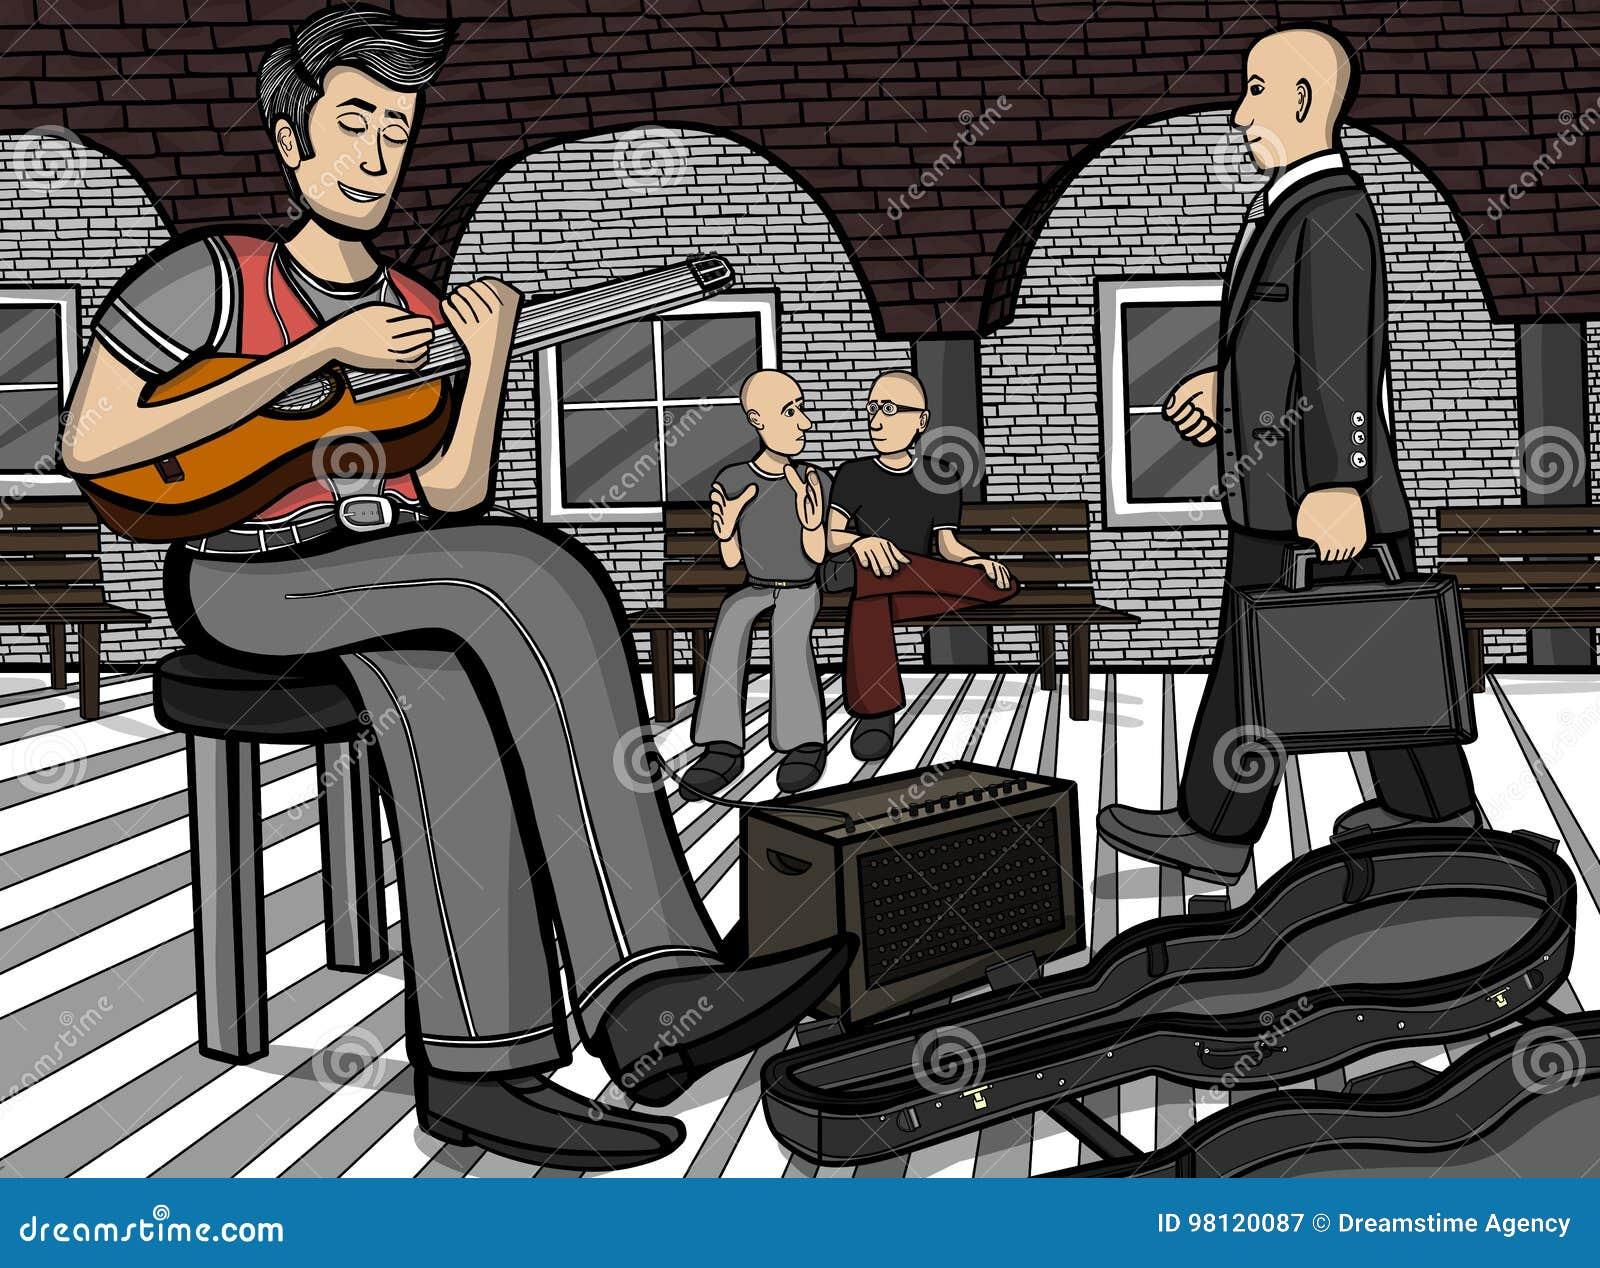 Guitarrista em um lugar público